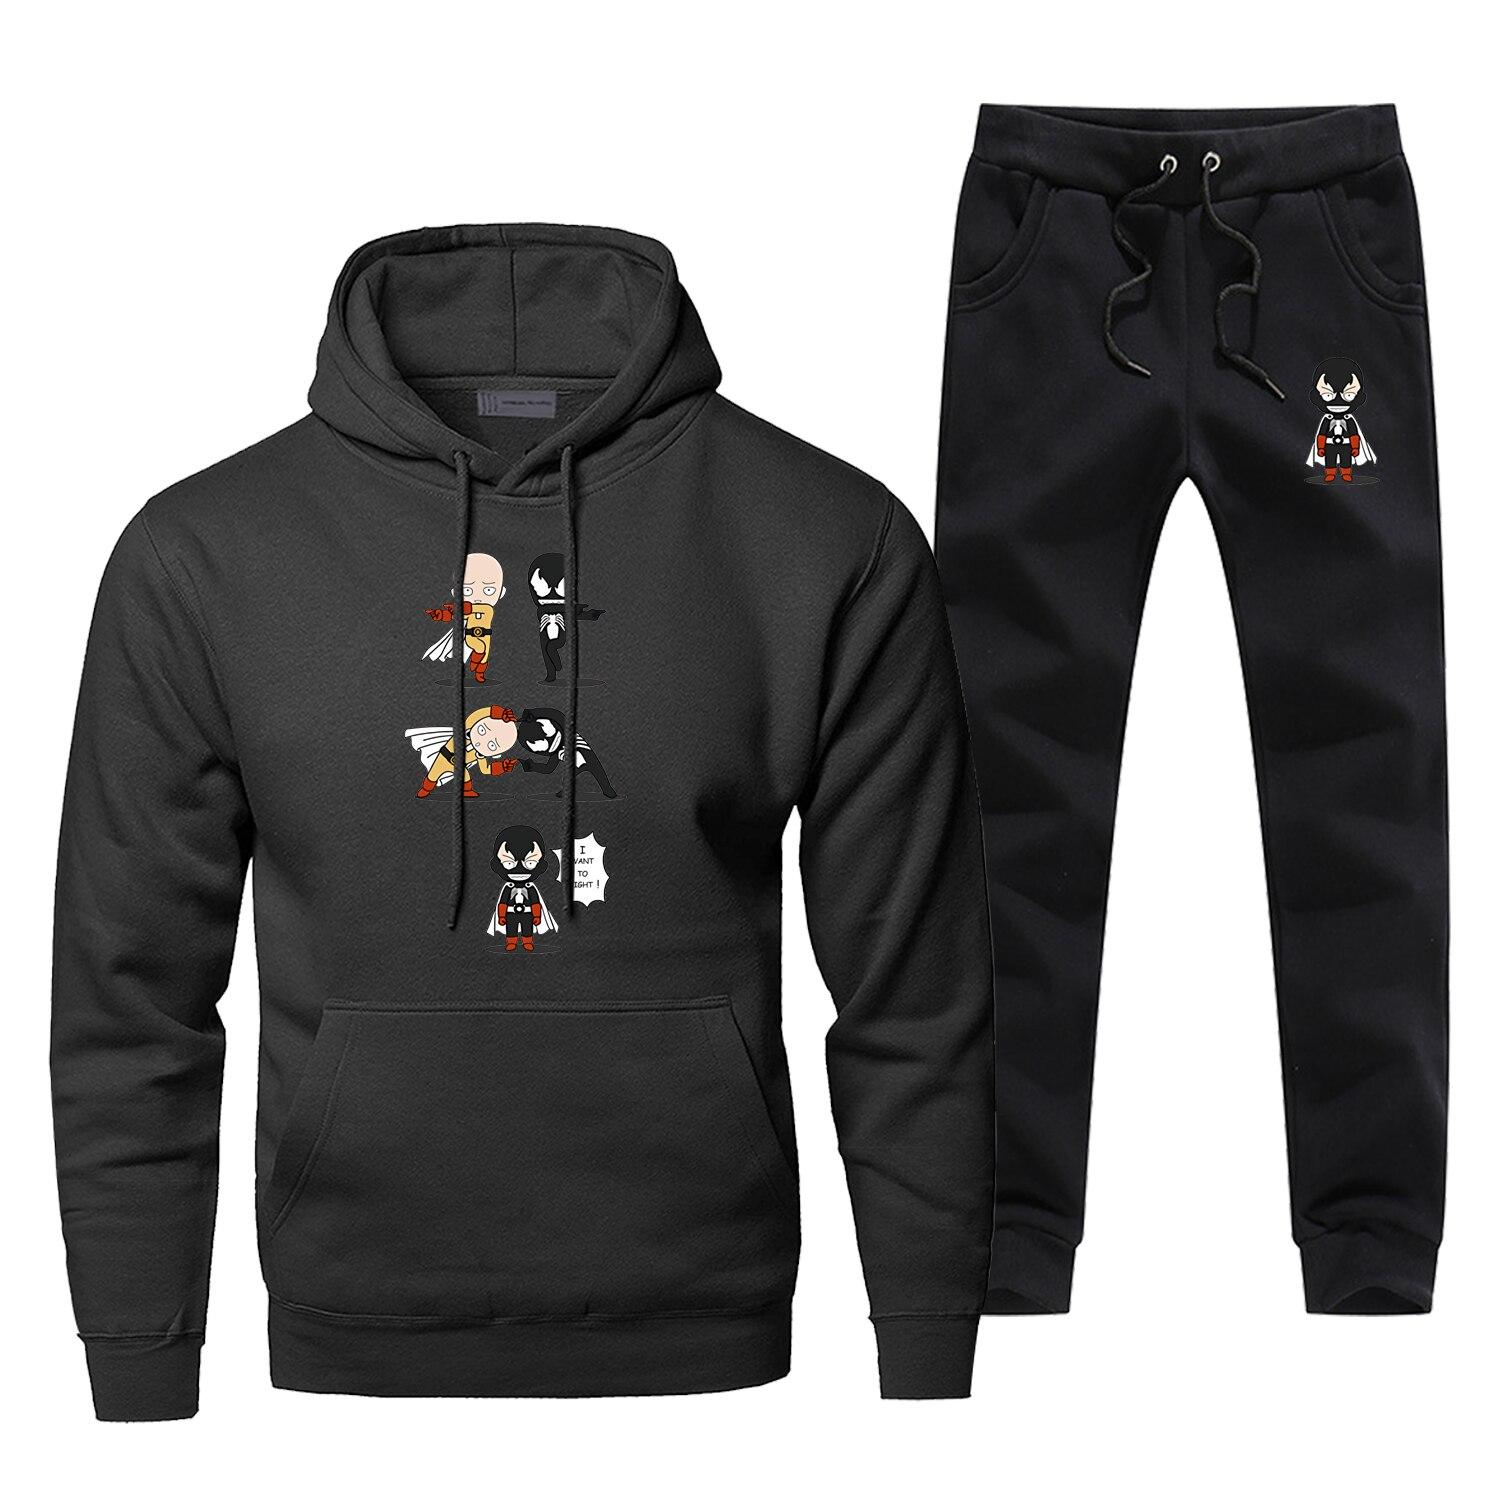 One Punch Man Venom Edward Hoodie Pants Set Men Sweatshirt Male Hoodies Sweatshirts Mens Sets Two Piece Pant Pullover Hoody Coat